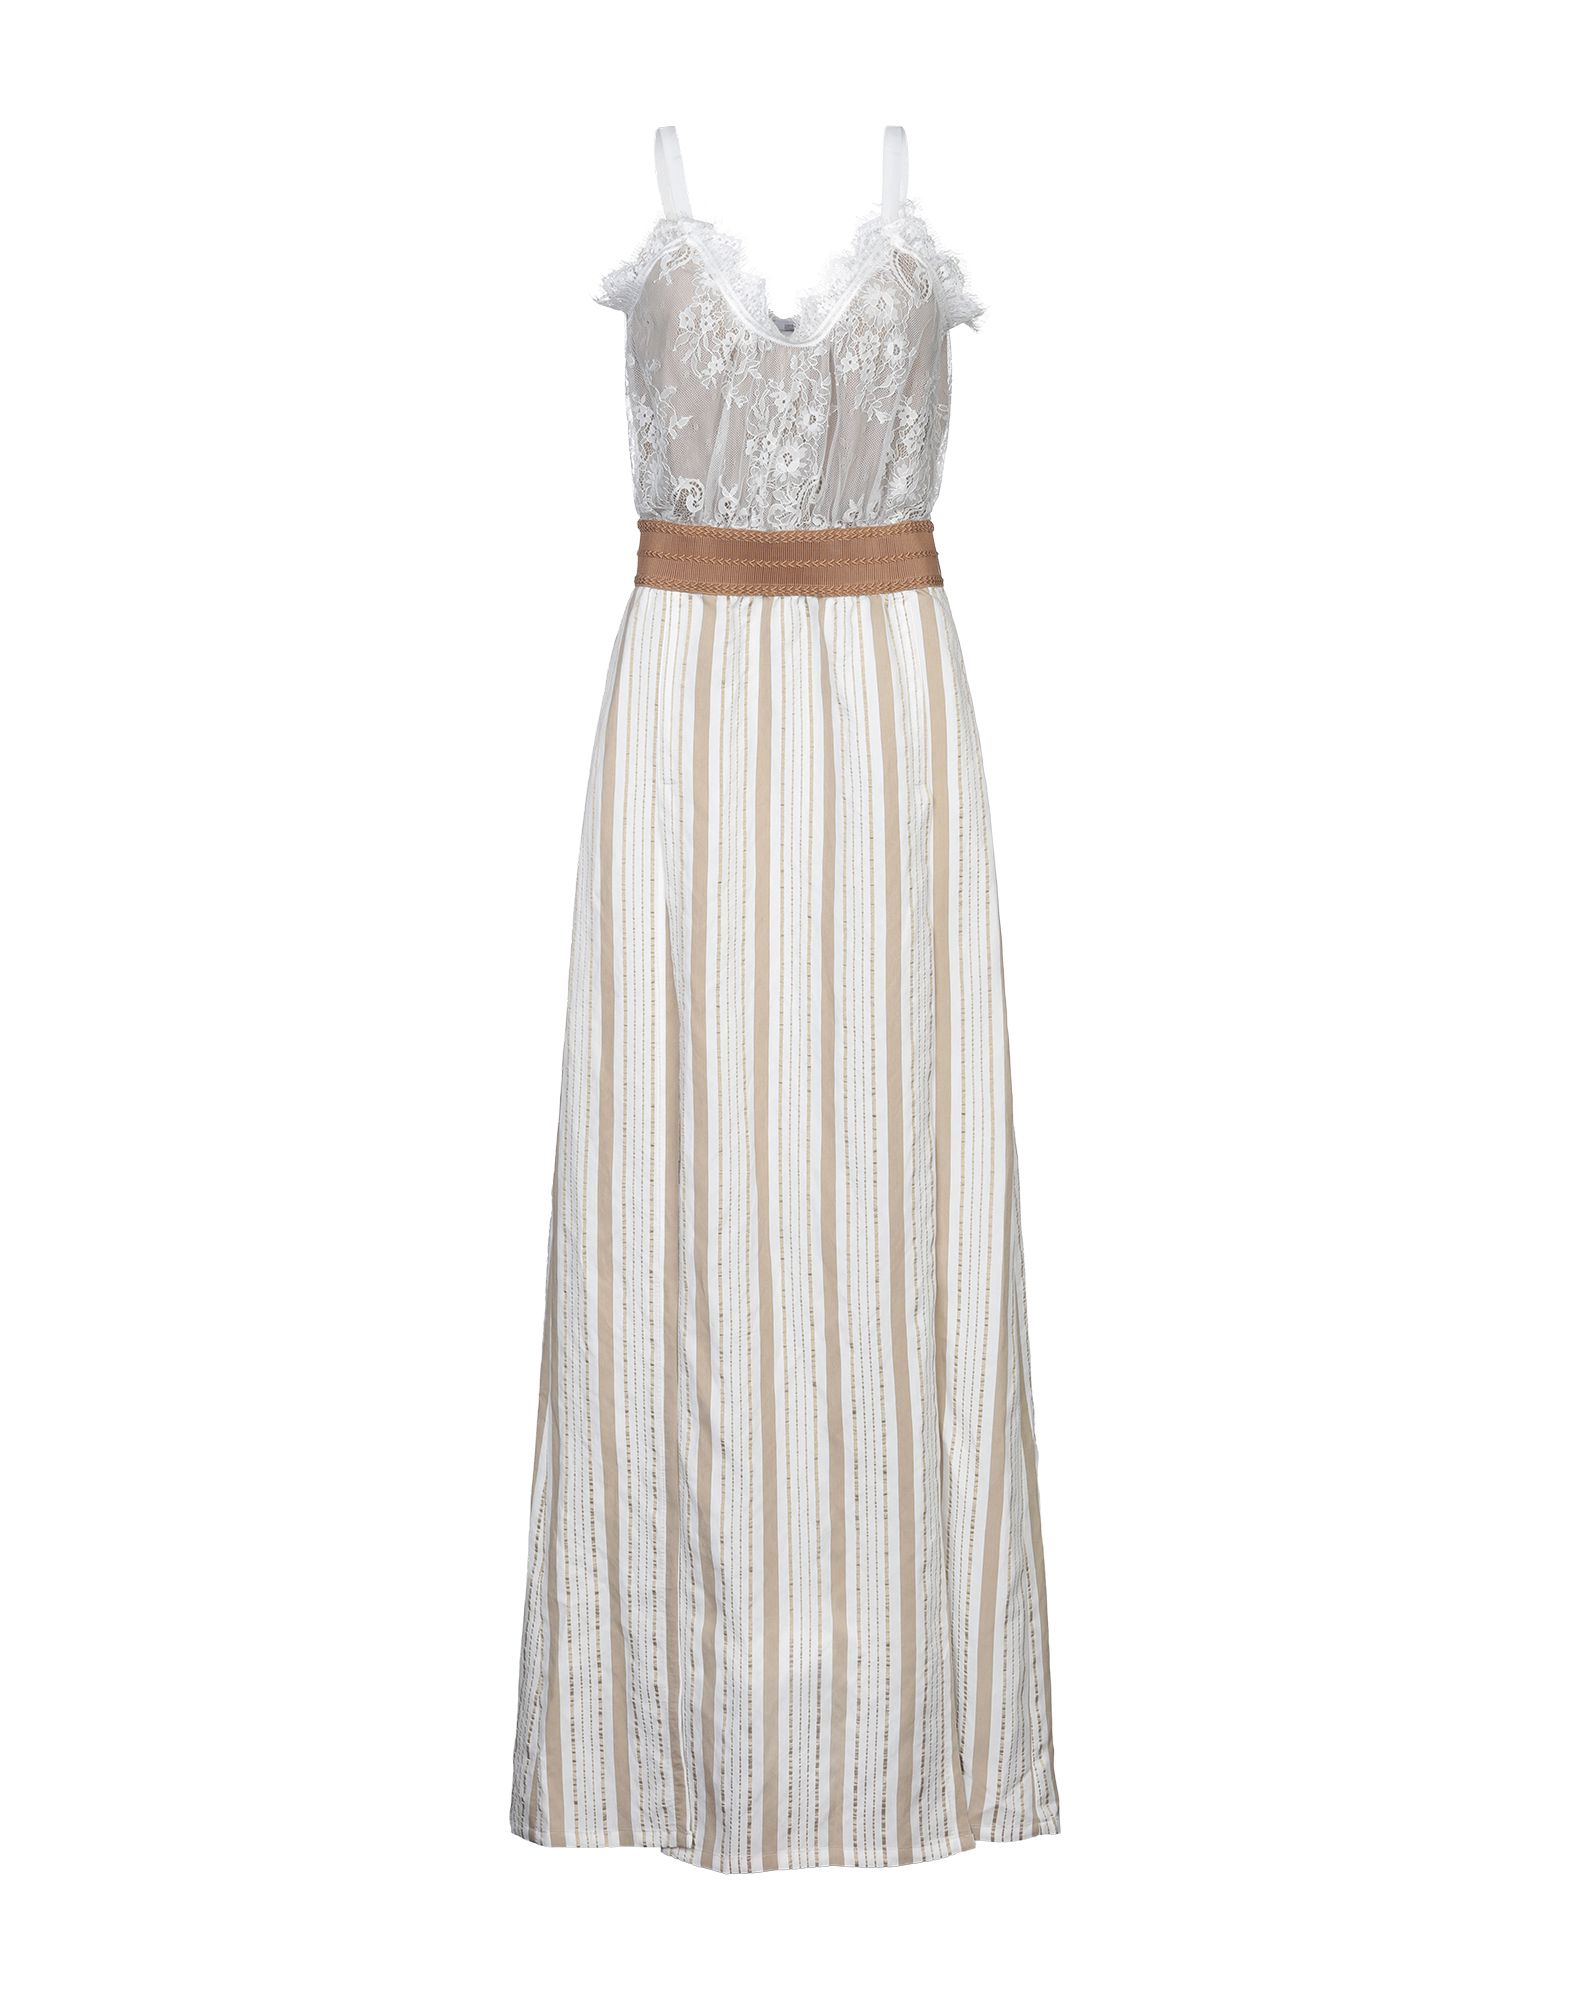 Фото - GIL SANTUCCI Длинное платье gil santucci комбинезоны без бретелей